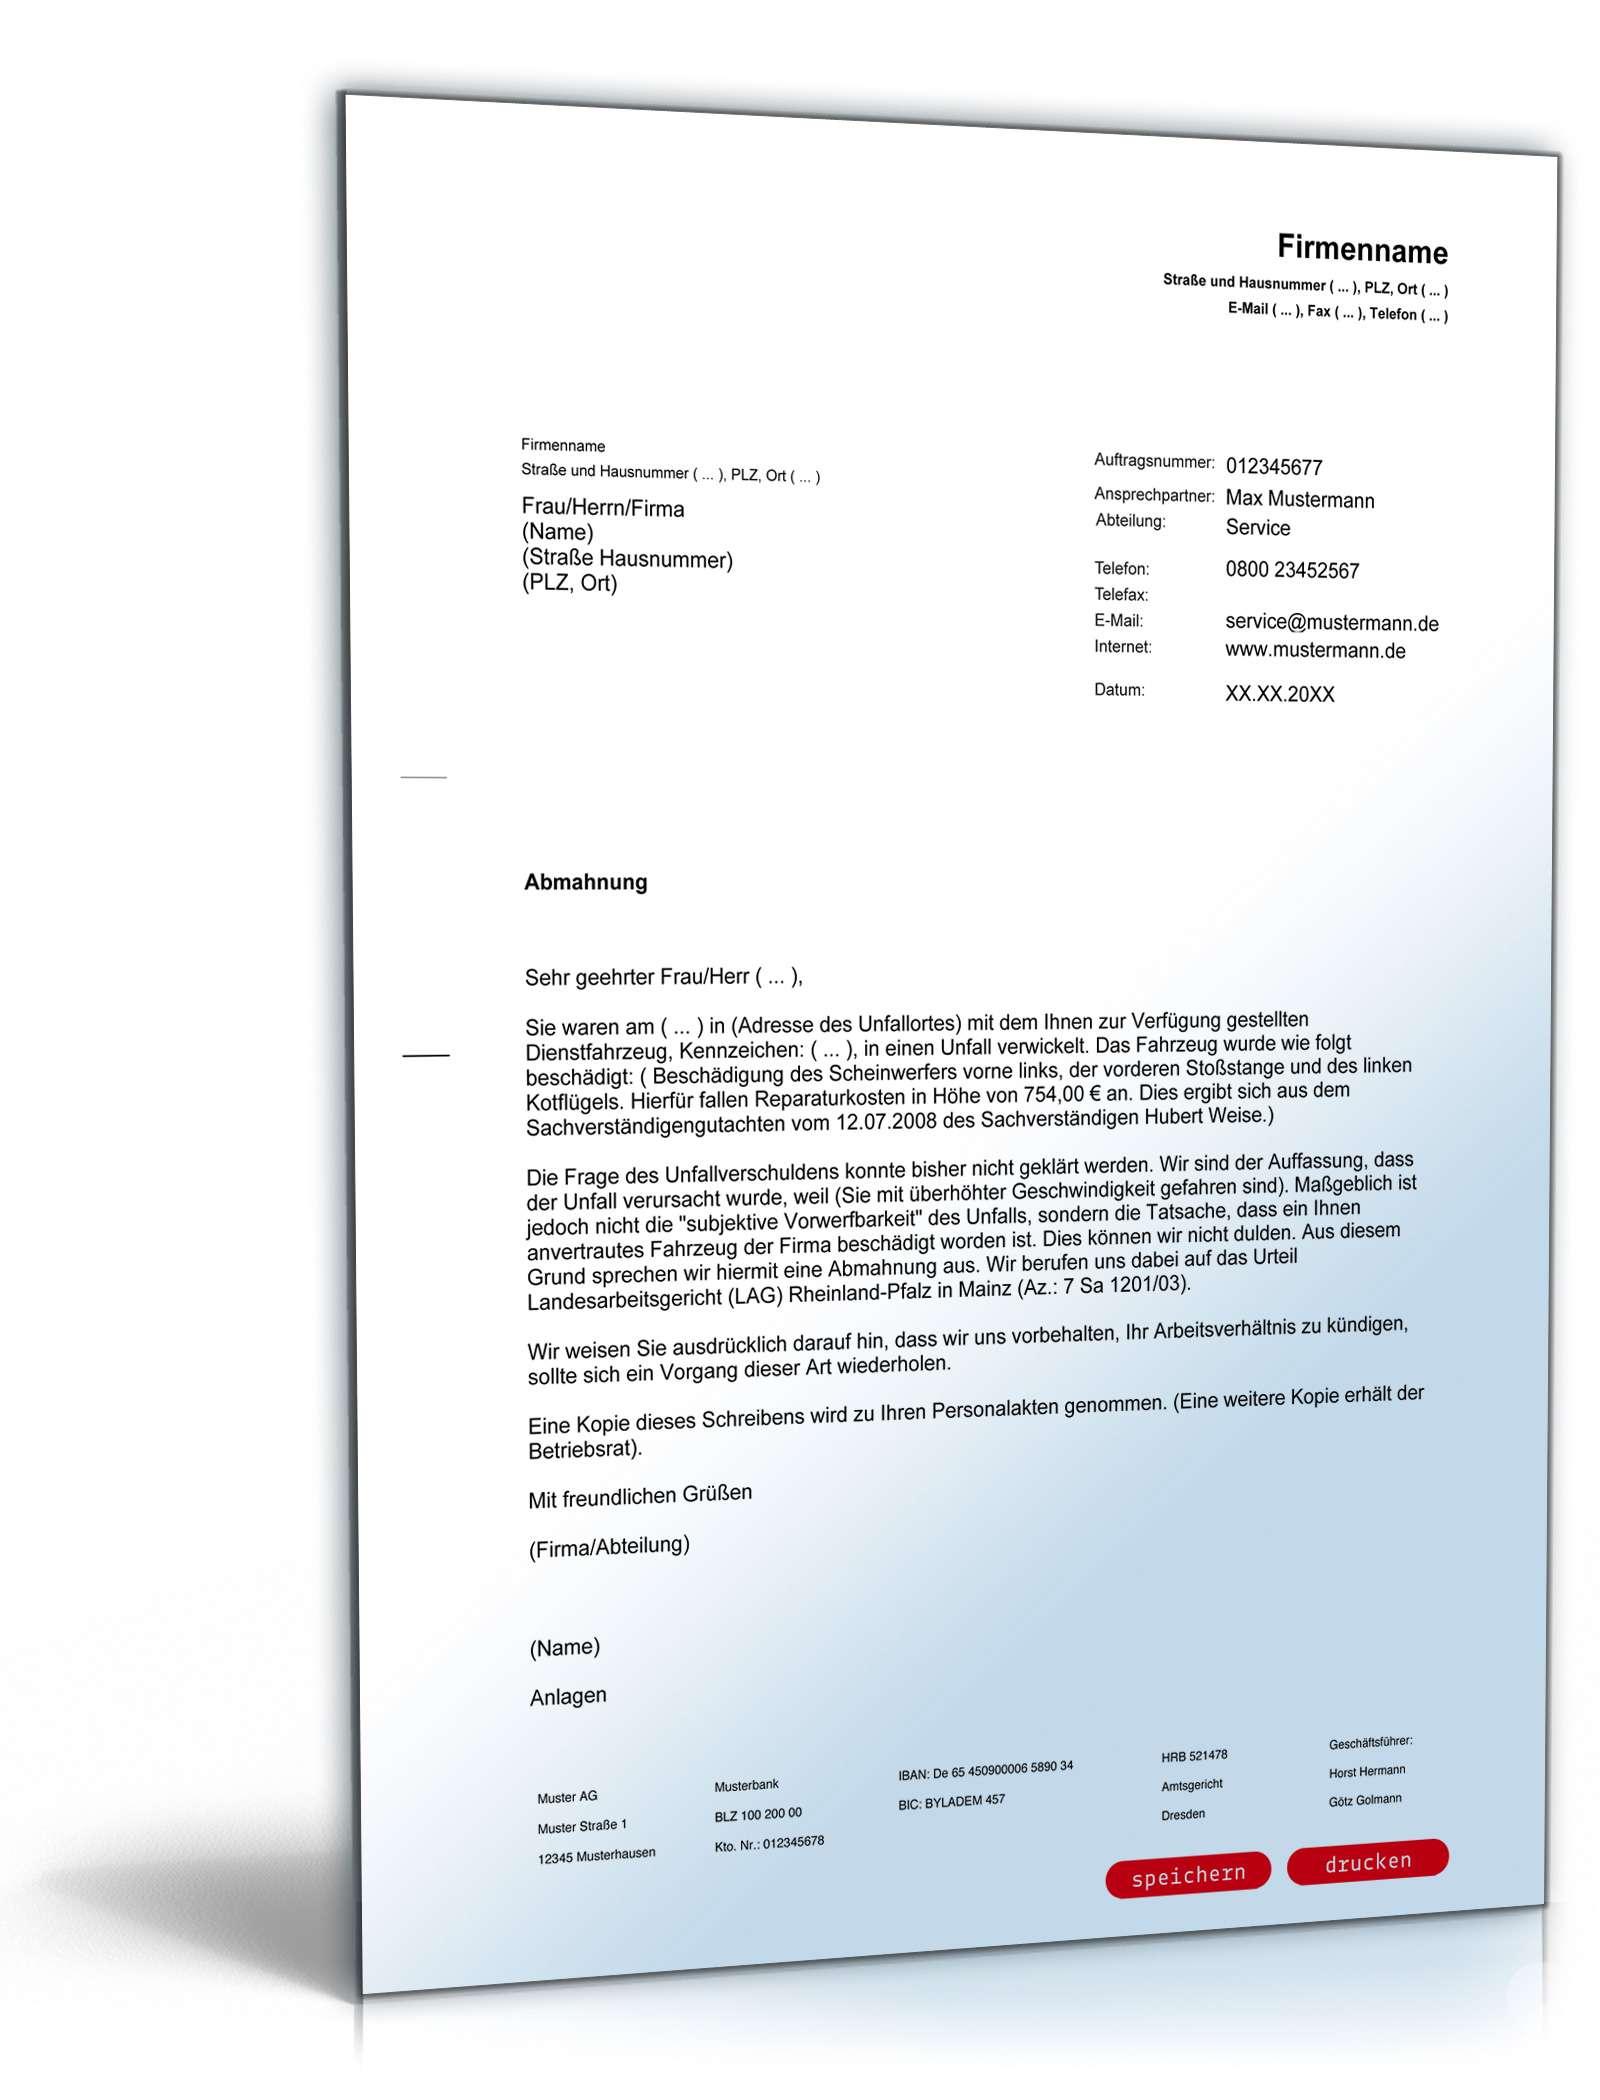 Abmahnung Unfalls Mit Dienstwagen Muster Zum Download